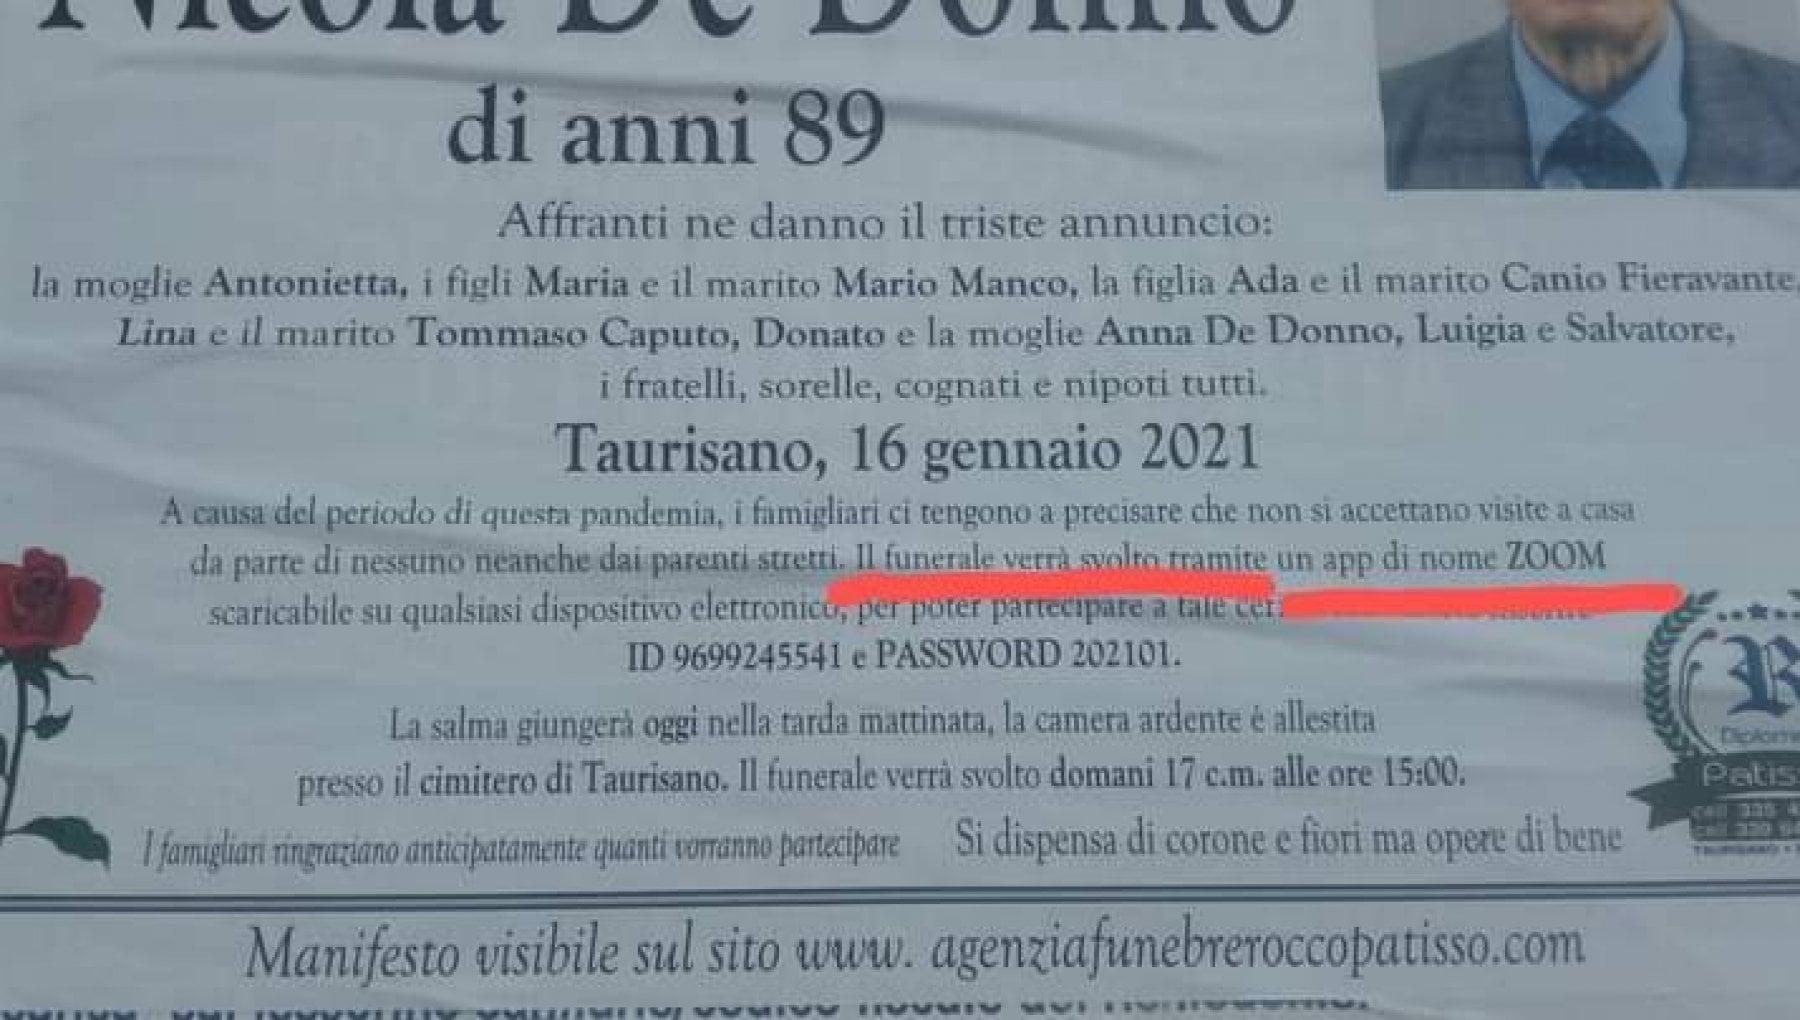 Lecce la famiglia del defunto non vuole visite e scrive sul manifesto Il funerale e su Zoom ecco username e password